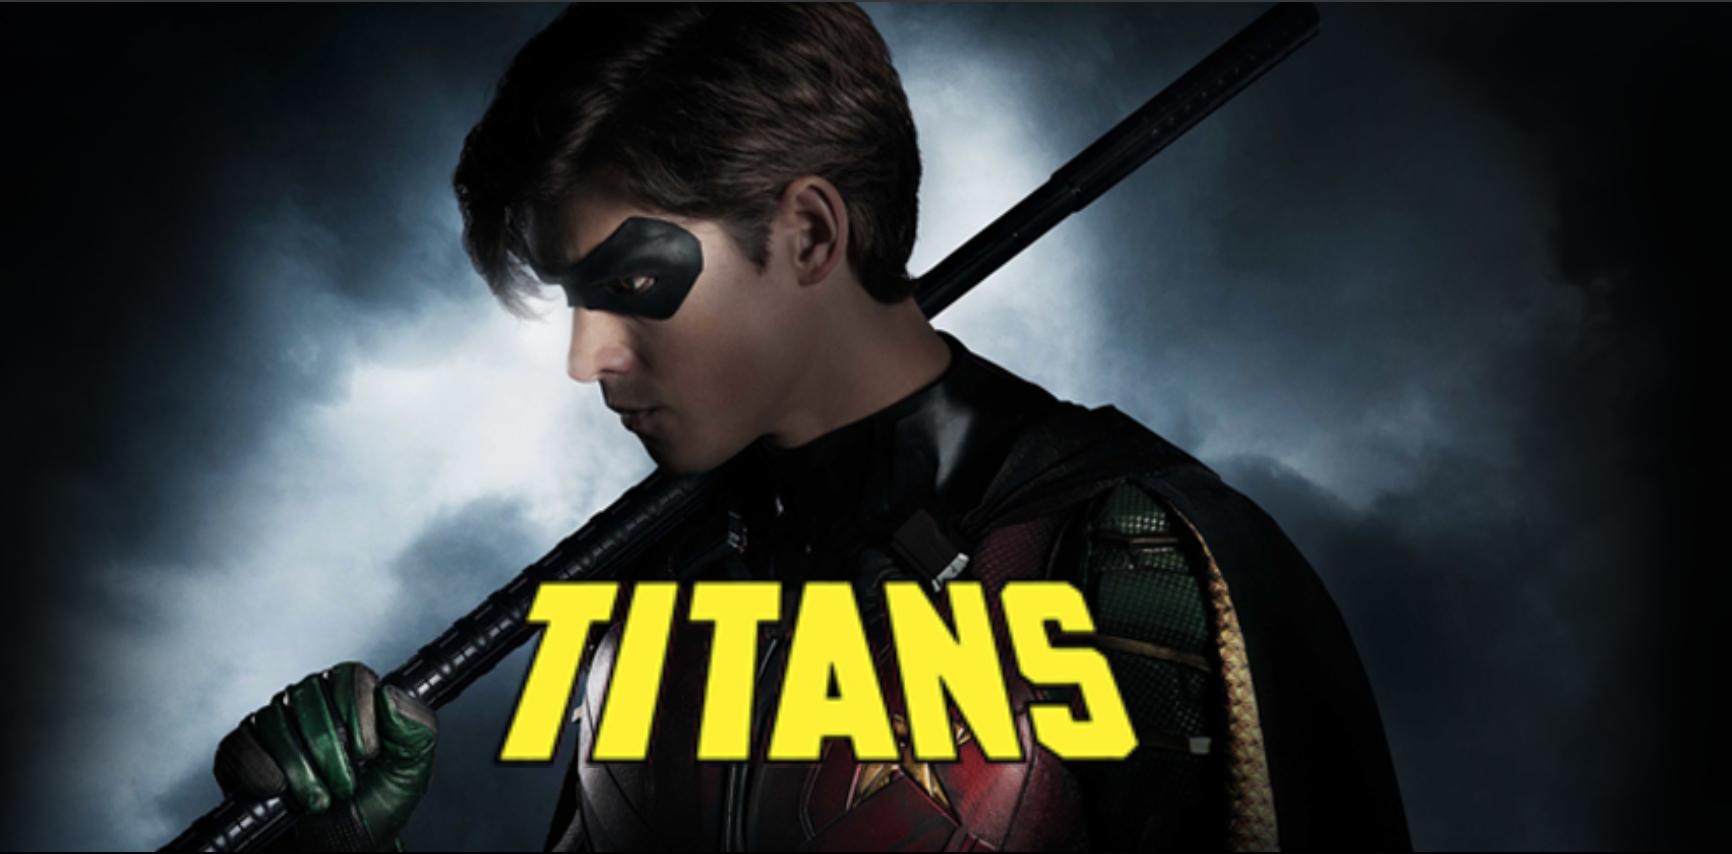 https://www.reddit.com/r/TitansTV/